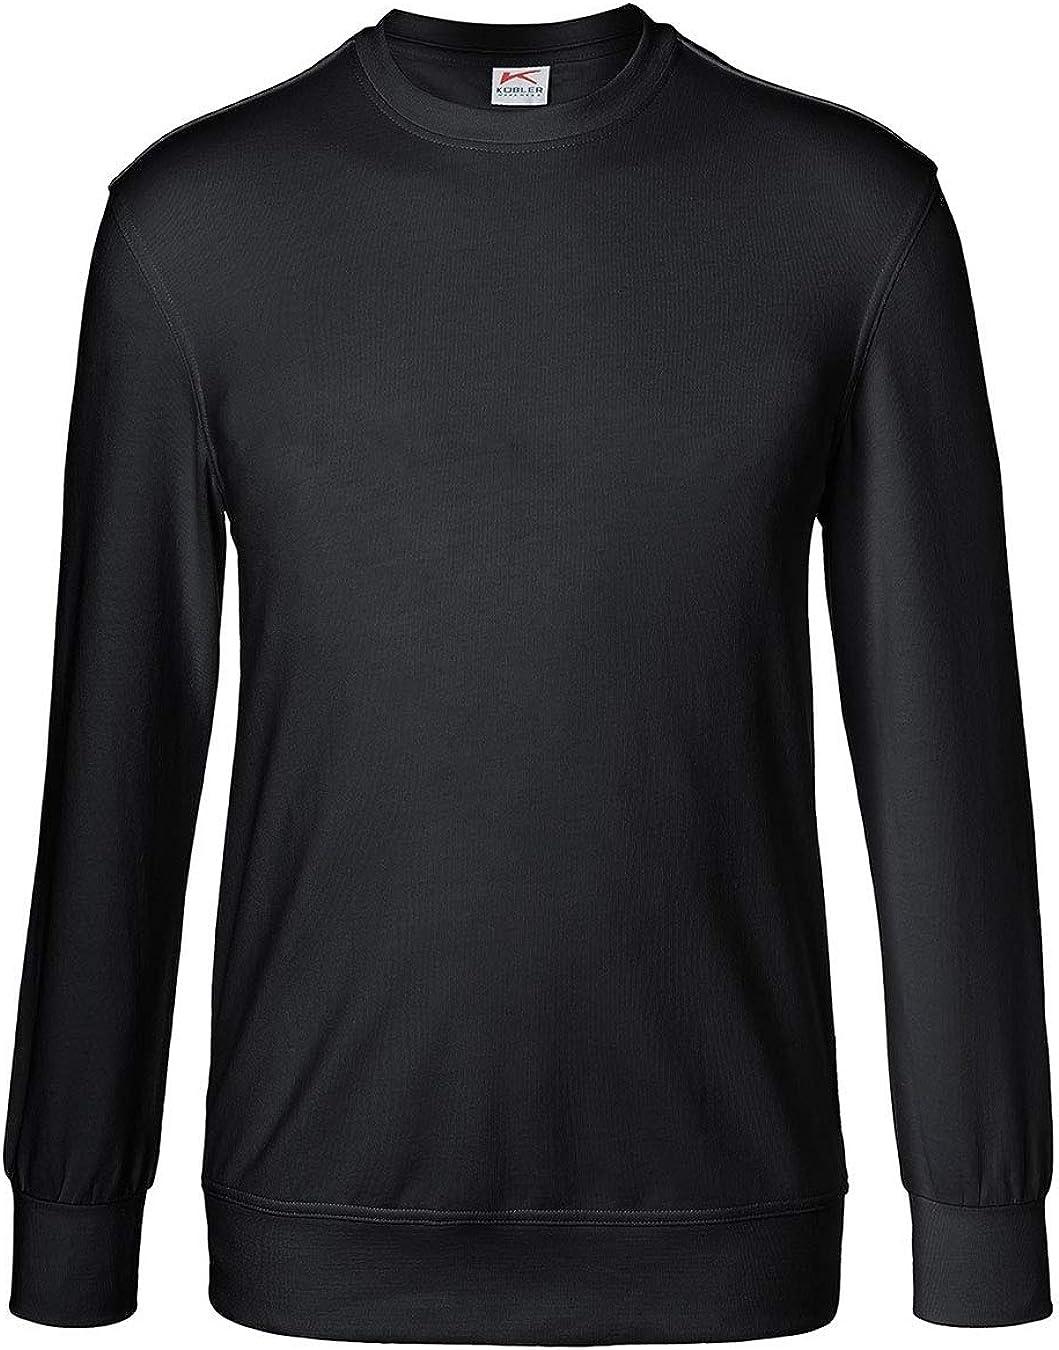 mit Halsb/ündchen und Nackenband K/ÜBLER Shirts Sweatshirt